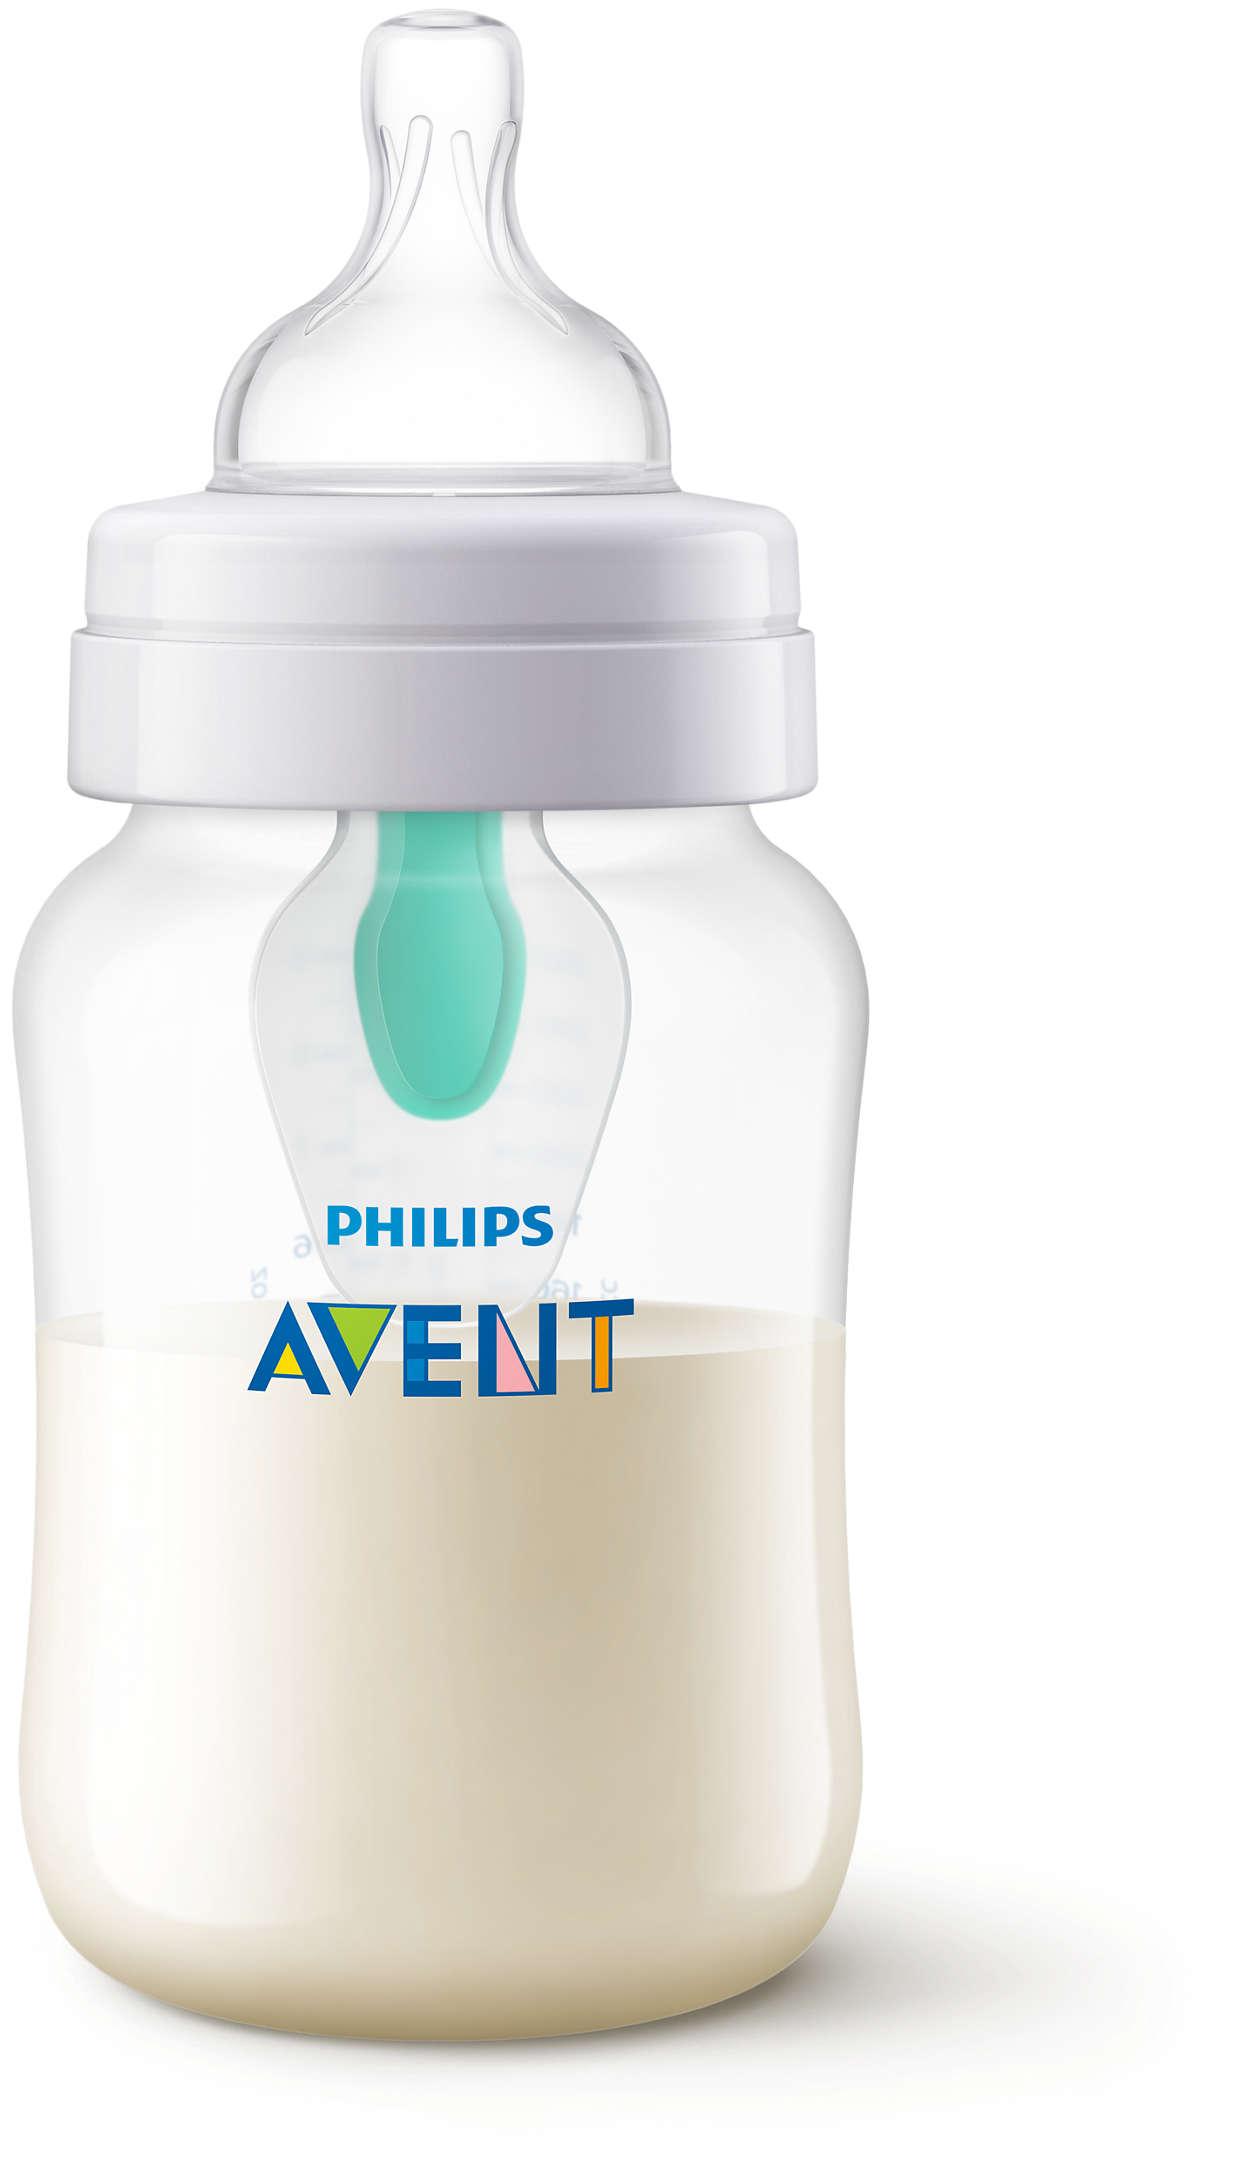 Conçus pour réduire les coliques, les gaz et les reflux*